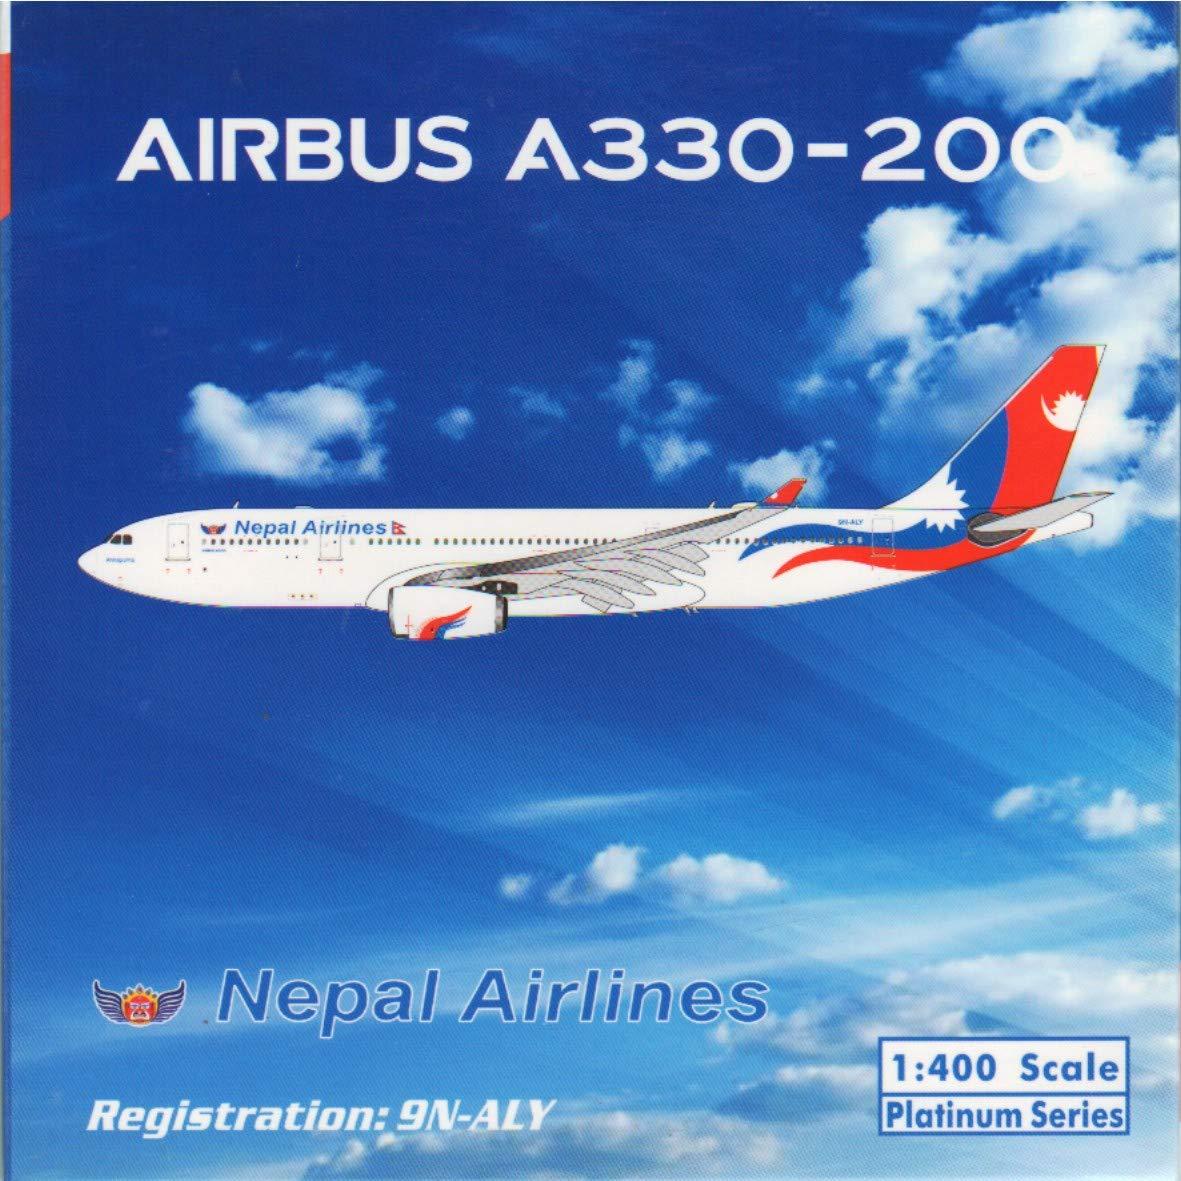 気質アップ フェニックスモデル PHX11485 1:400 ネパール航空 Reg エアバス A330-200 Reg A330-200 #9N-ALY 1:400 (塗装済み/組み立て済み) B07KF1NJJY, ムレムラ:47d3cfb4 --- wap.milksoft.com.br